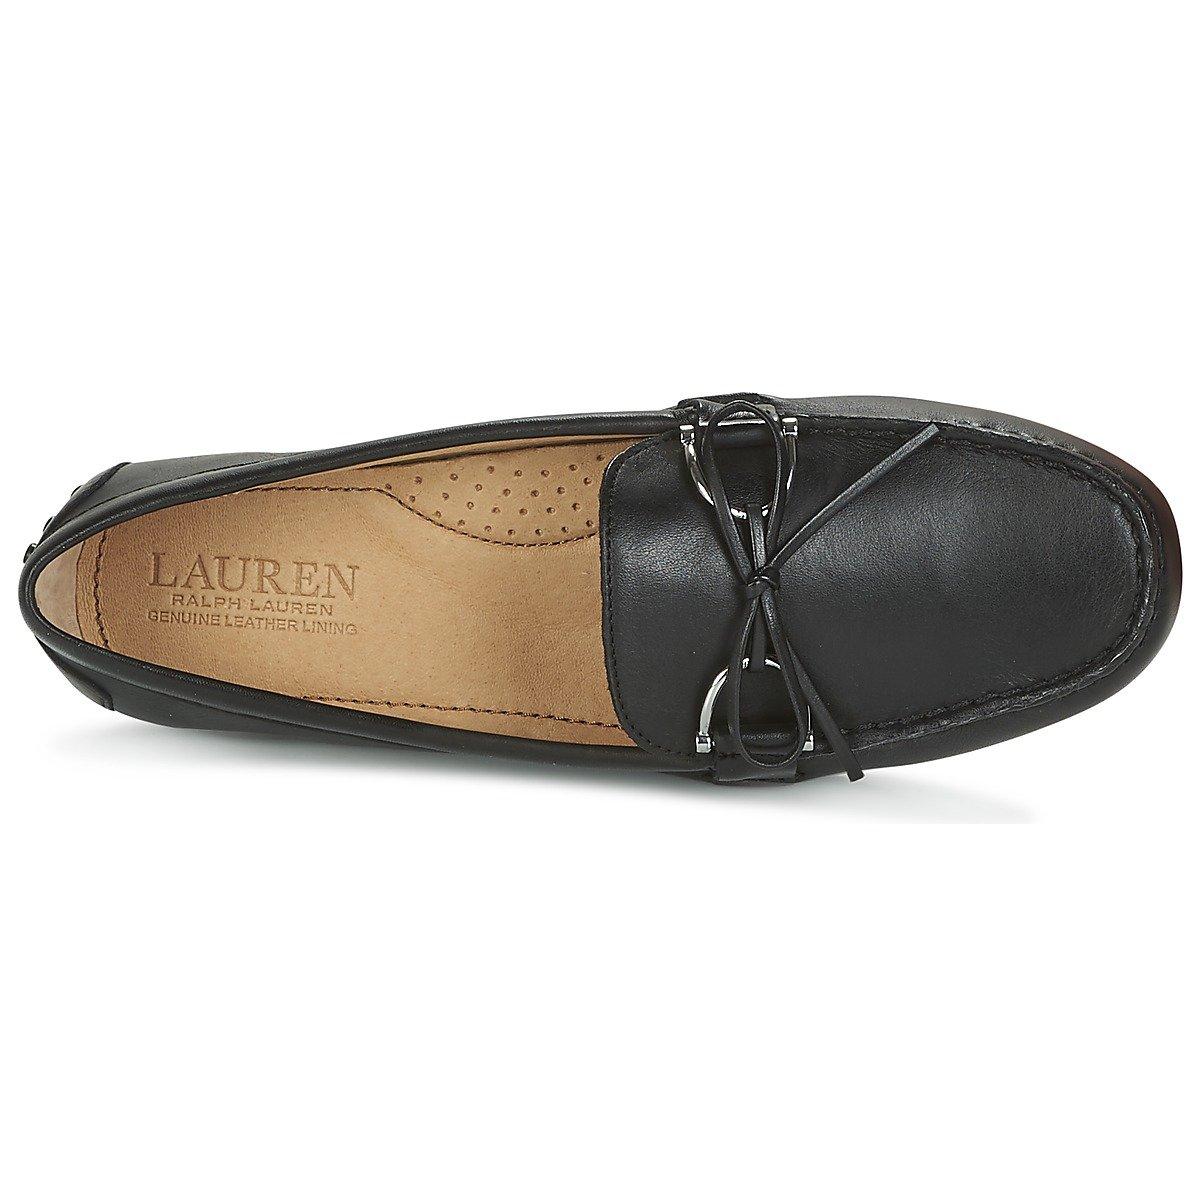 Ralph Lauren MACASIN 802-664541-001 Briley Negro: Amazon.es: Zapatos y complementos